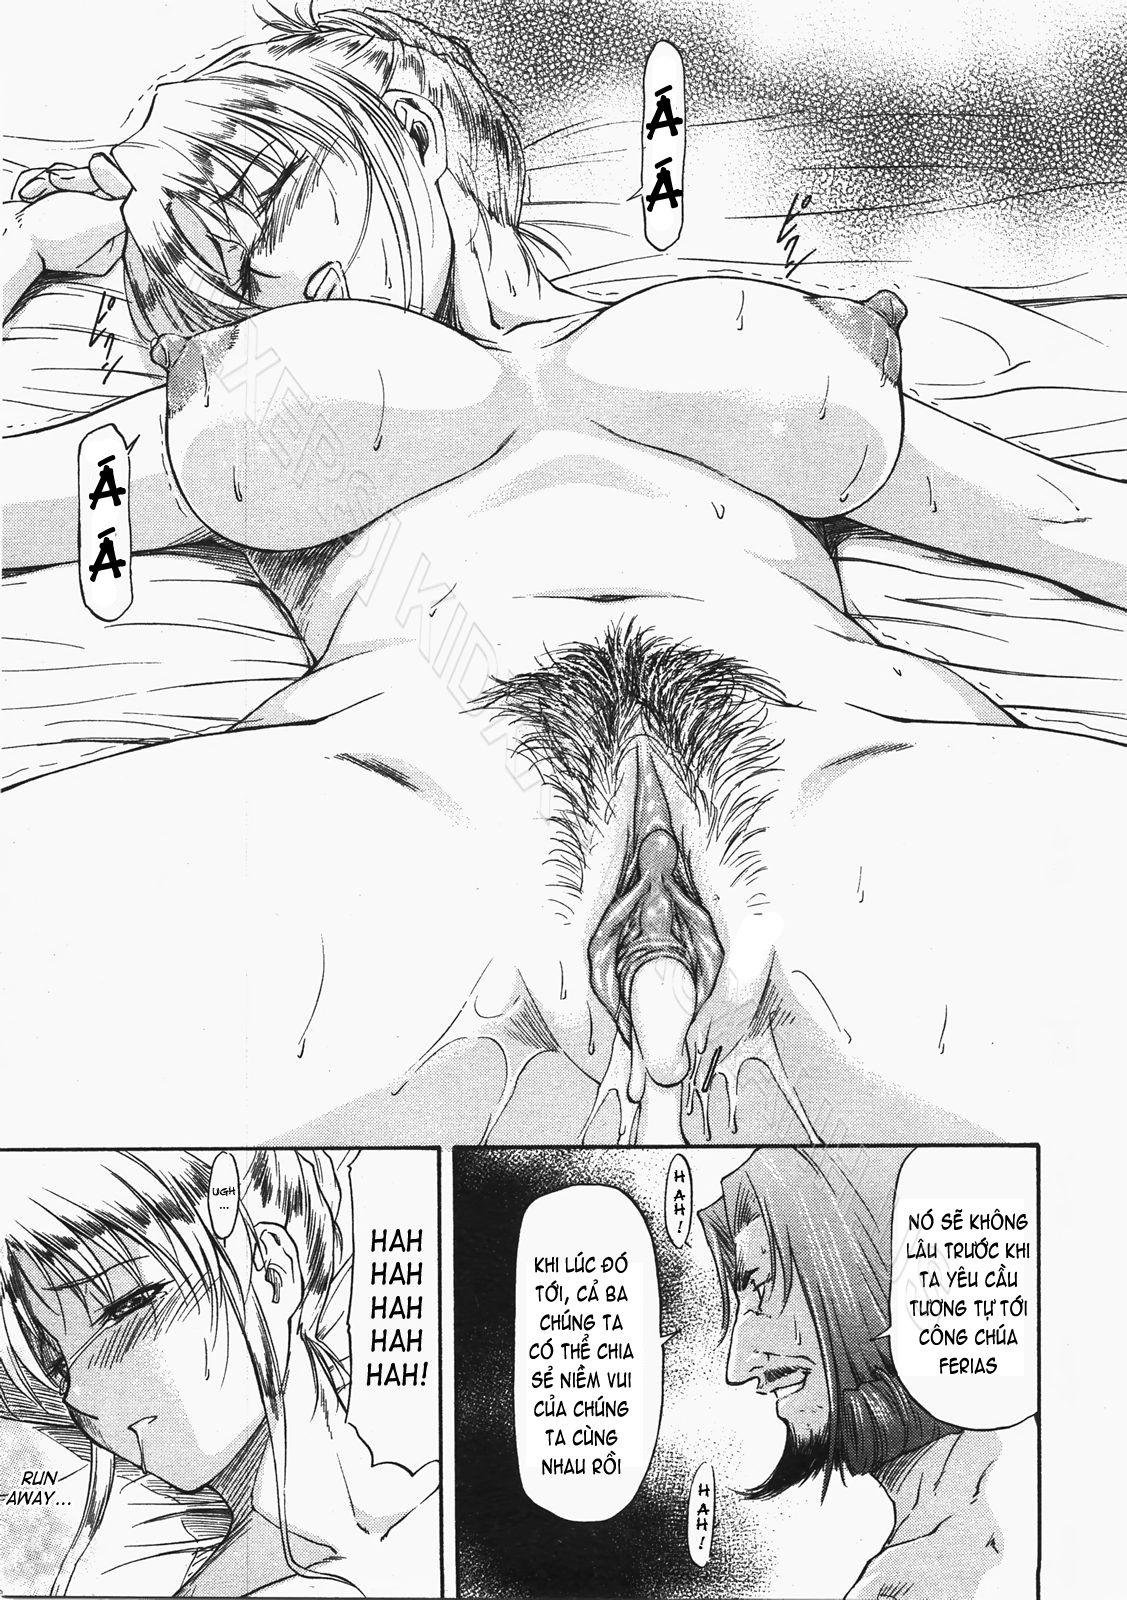 Hình ảnh Hinh_022 in Truyện tranh hentai không che: Parabellum